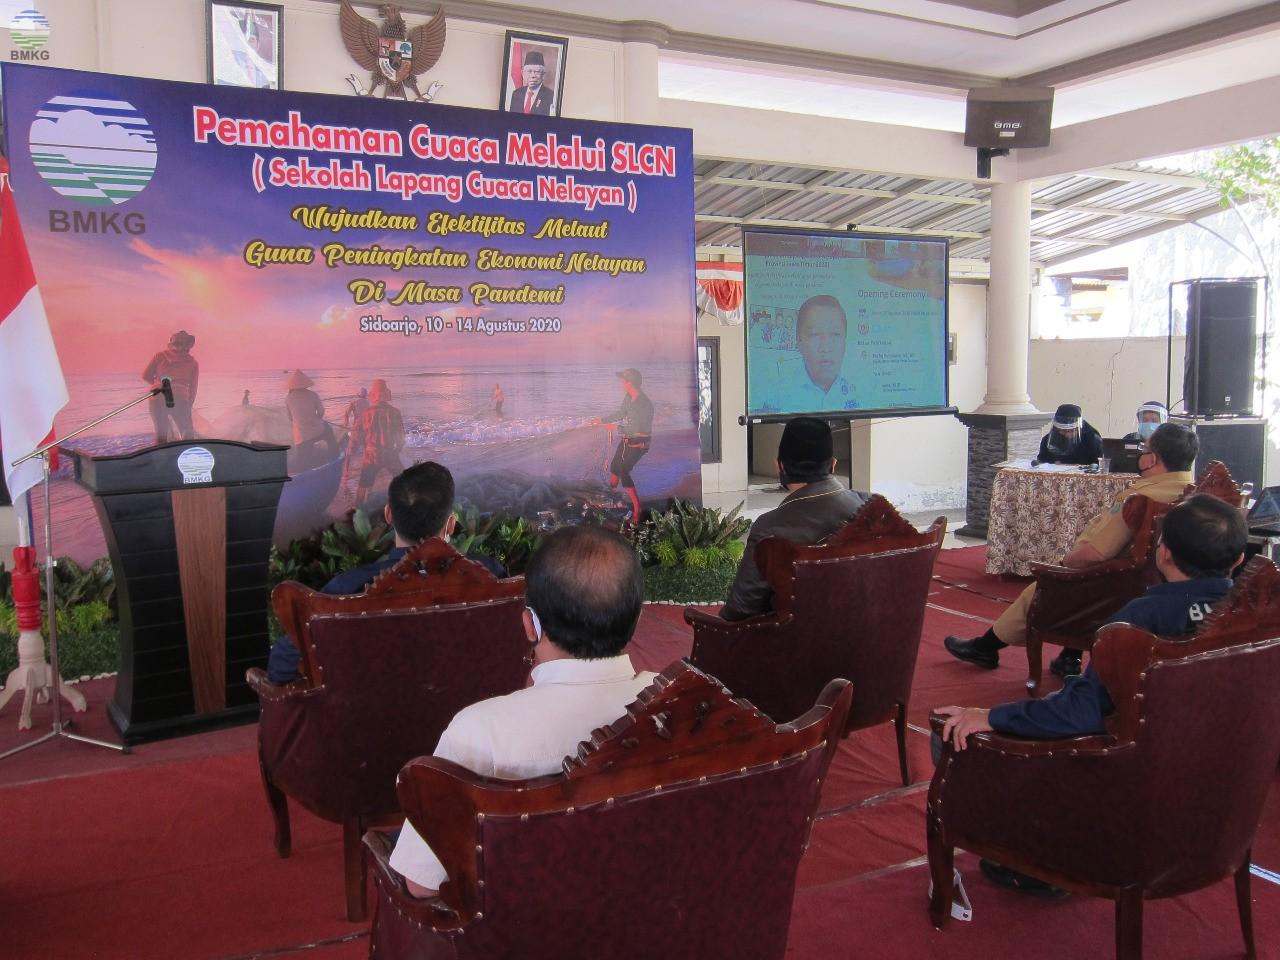 Melalui Video Conference, Deputi Meteorologi BMKG Buka Kegiatan Sekolah Lapang Cuaca Nelayan Provinsi Jawa Timur Tahun 2020